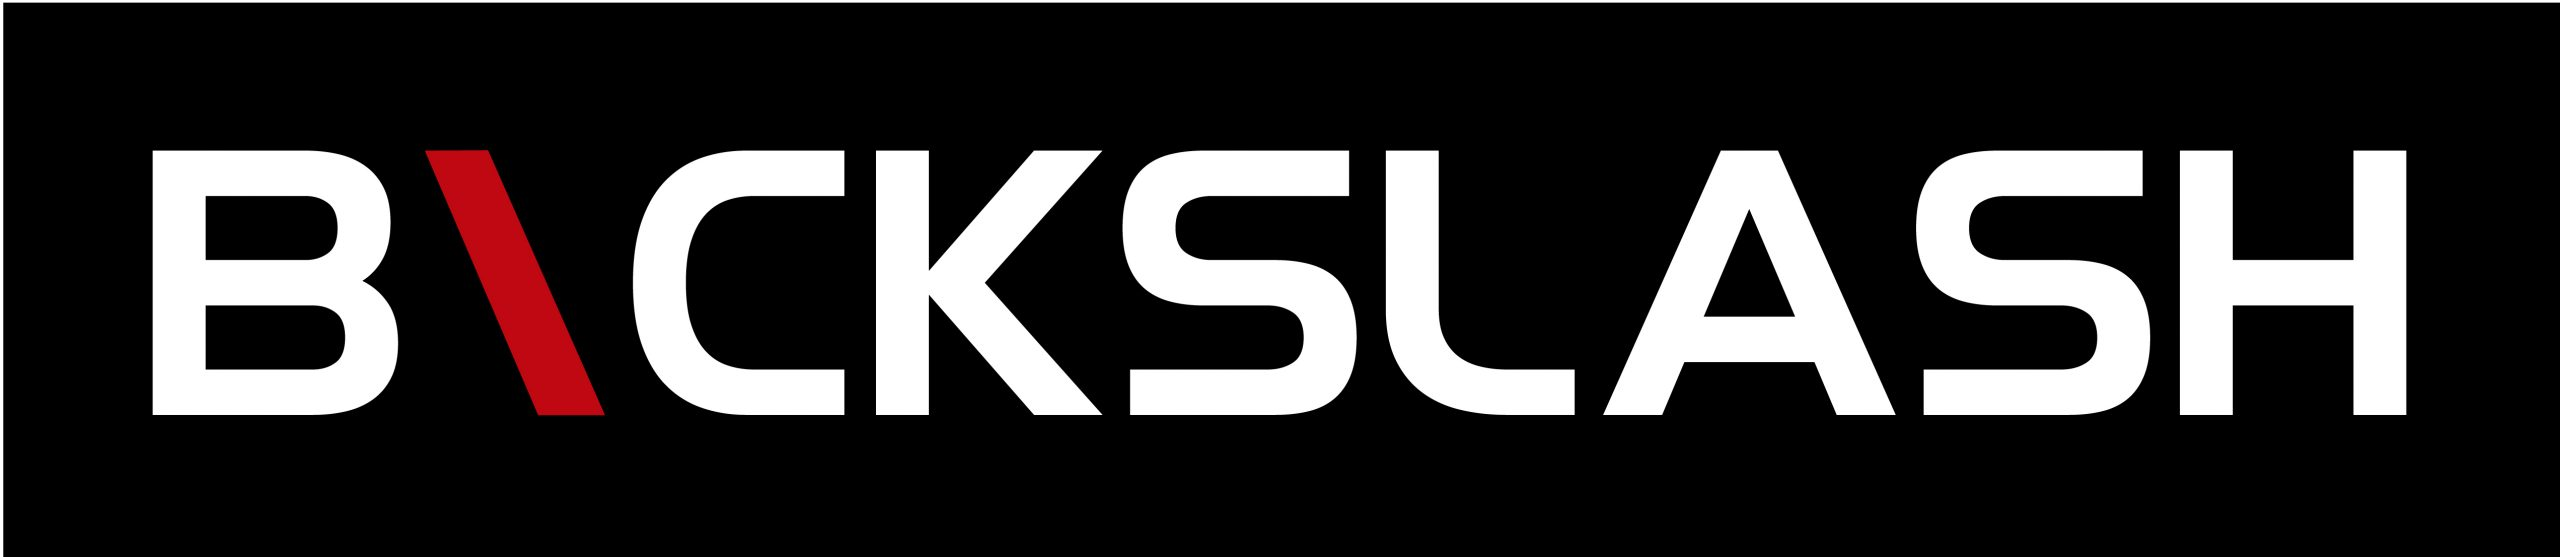 Bckslash Logo